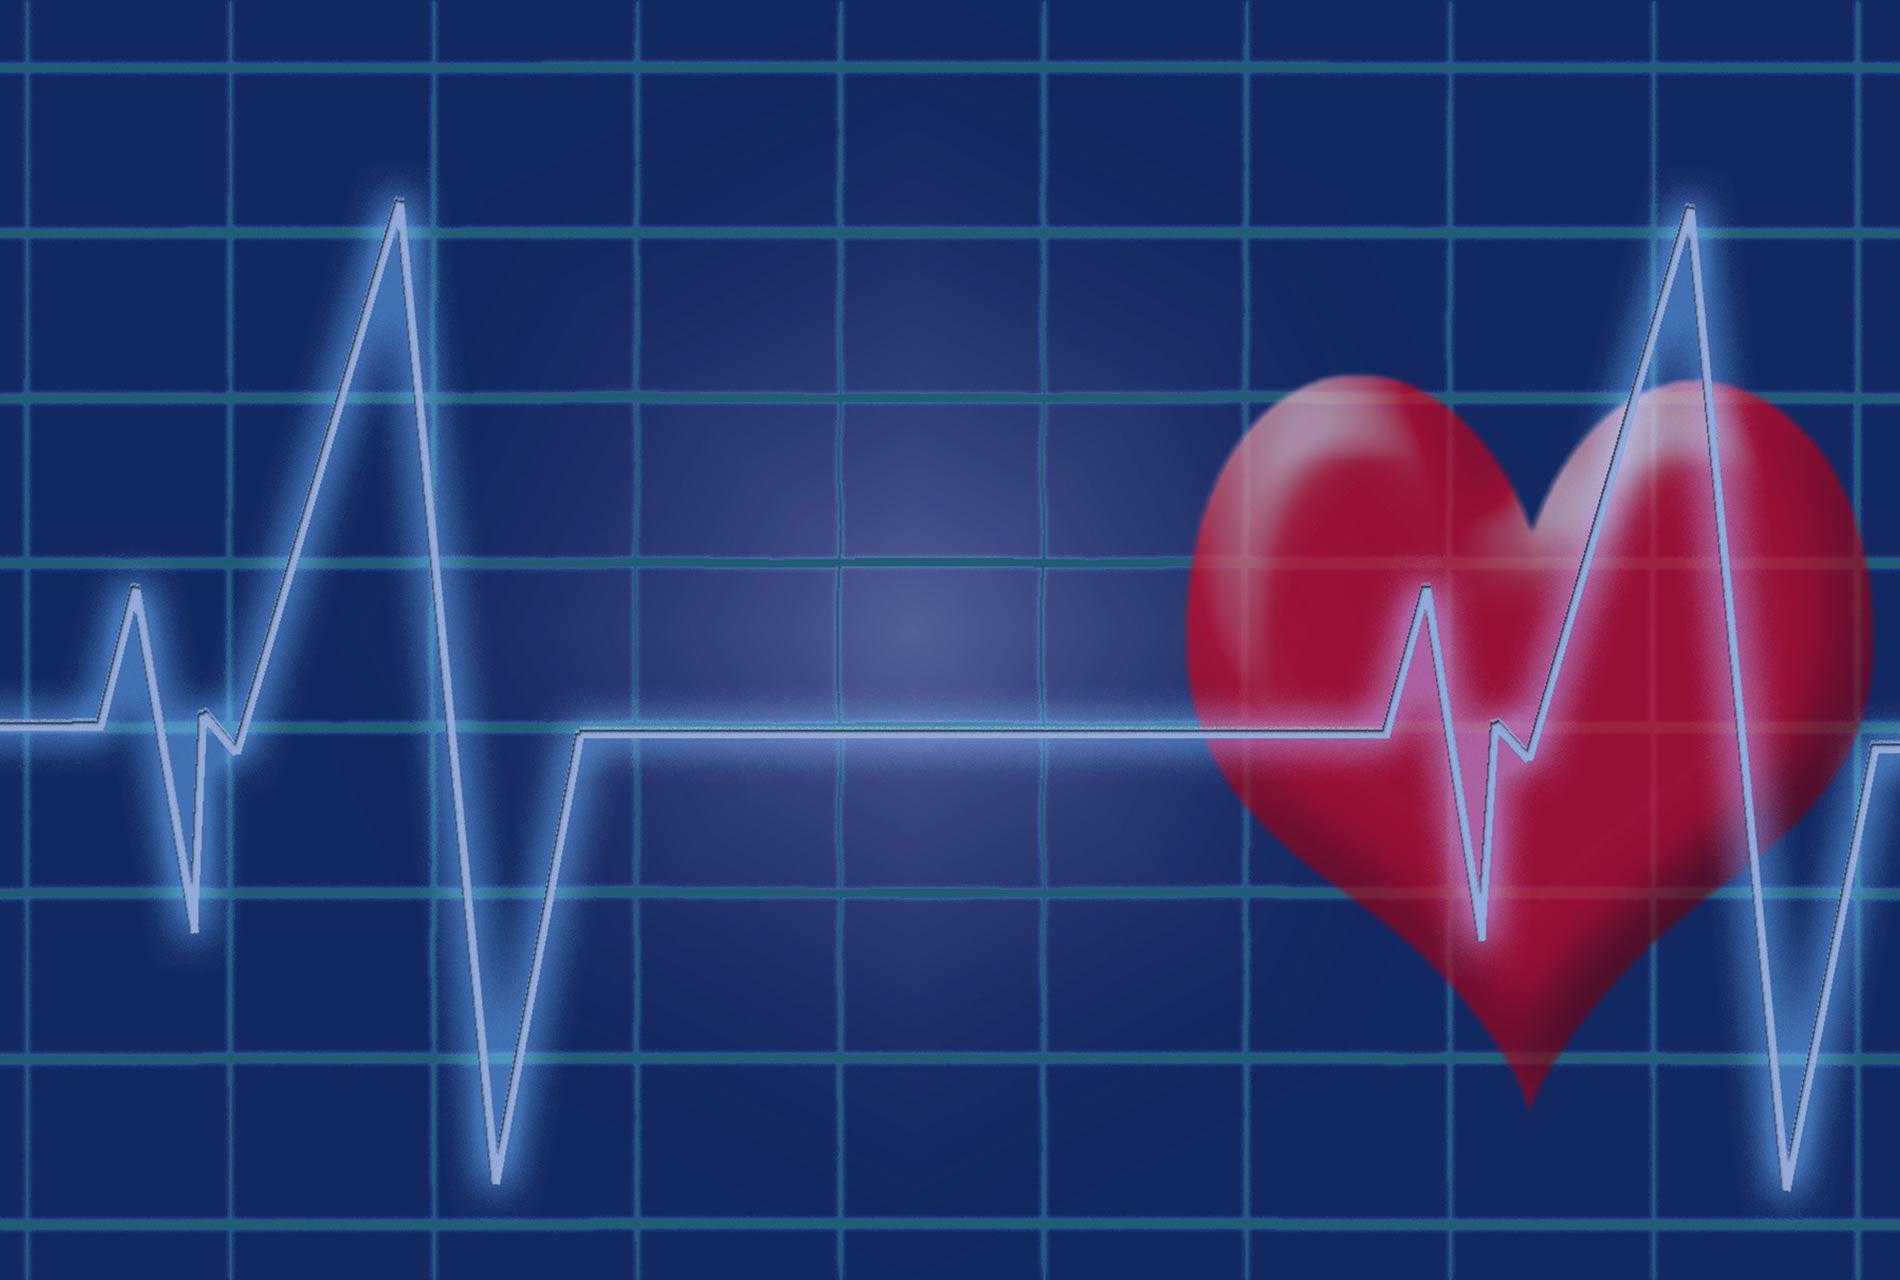 das Herz im Fokus - Blutdruckmessgeräte